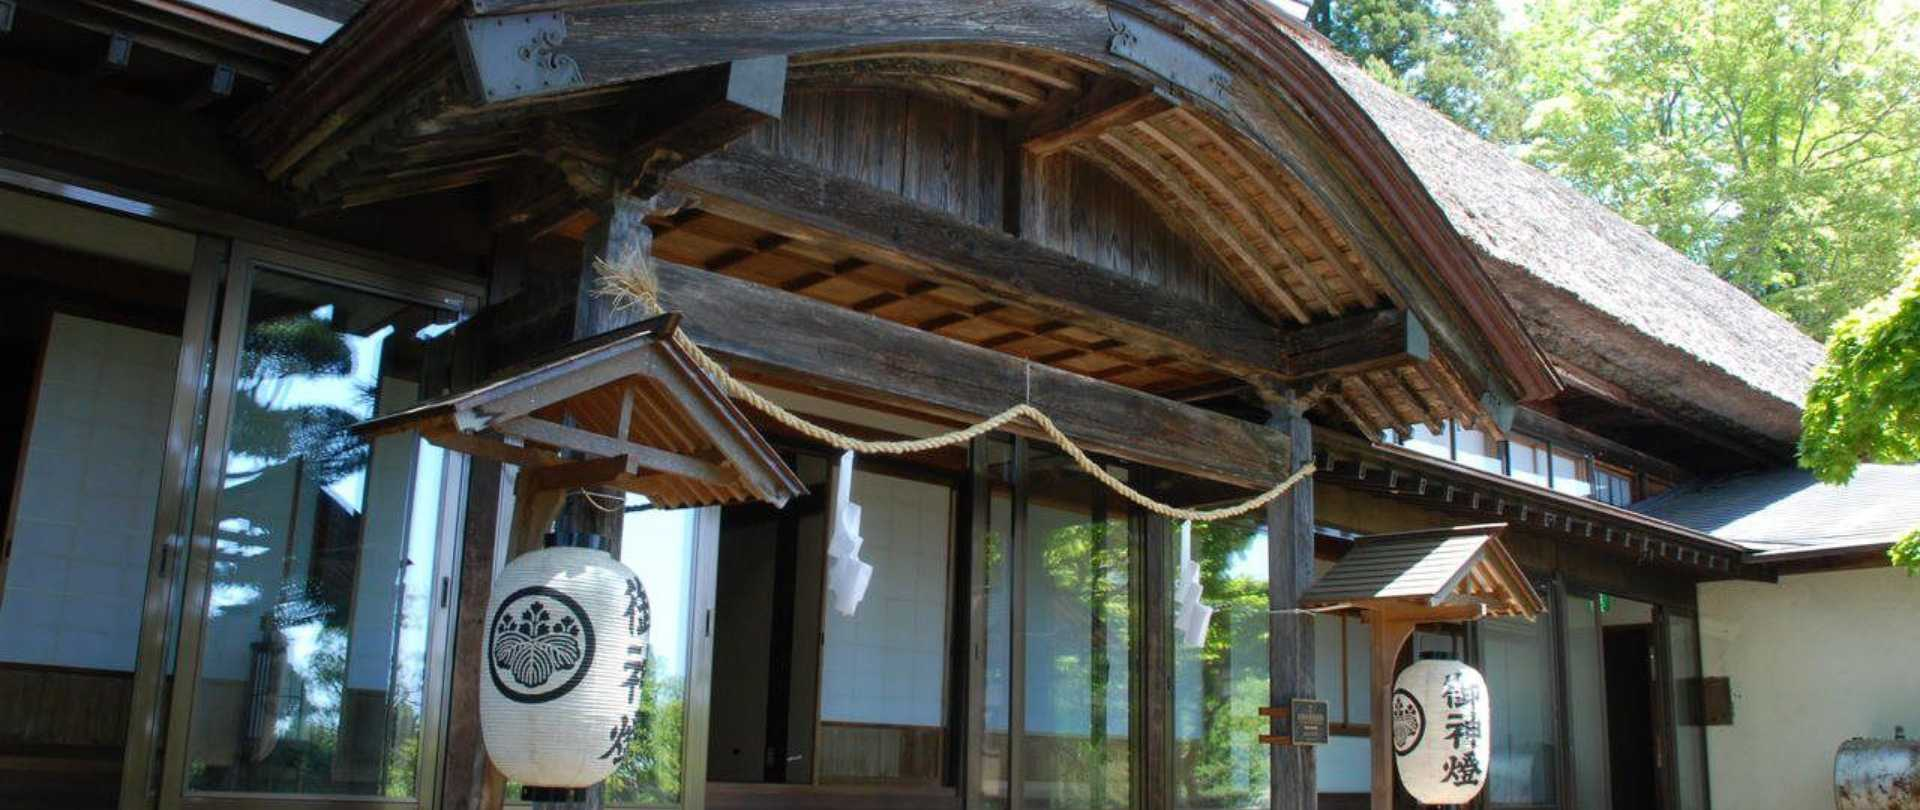 戸隠神社|越志旅館(おしりょかん)